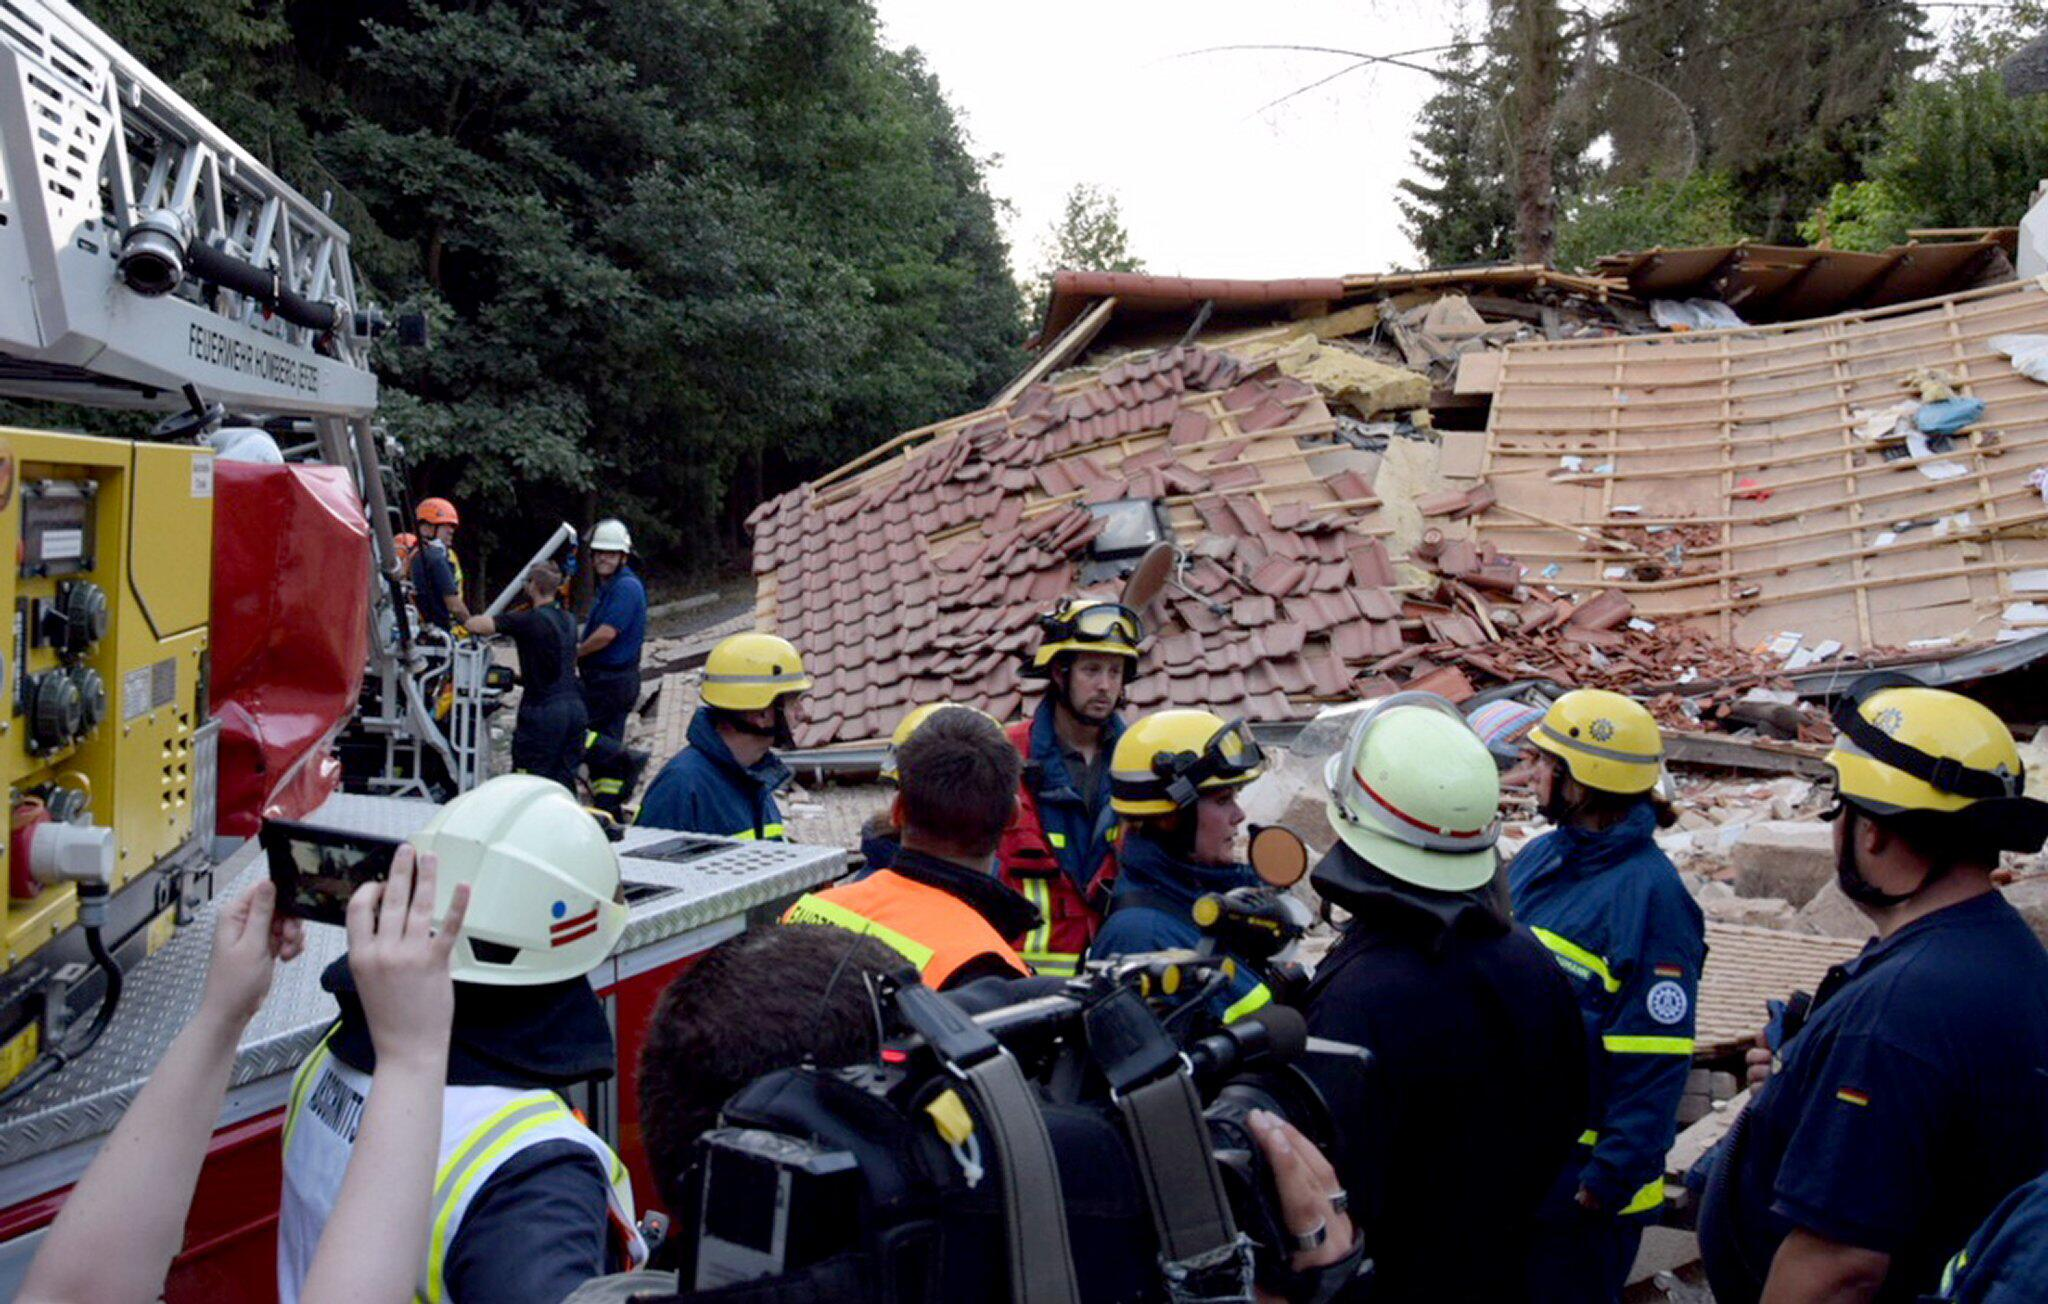 Bild zu Gasexplosion in Wohnhaus in Knüllwald